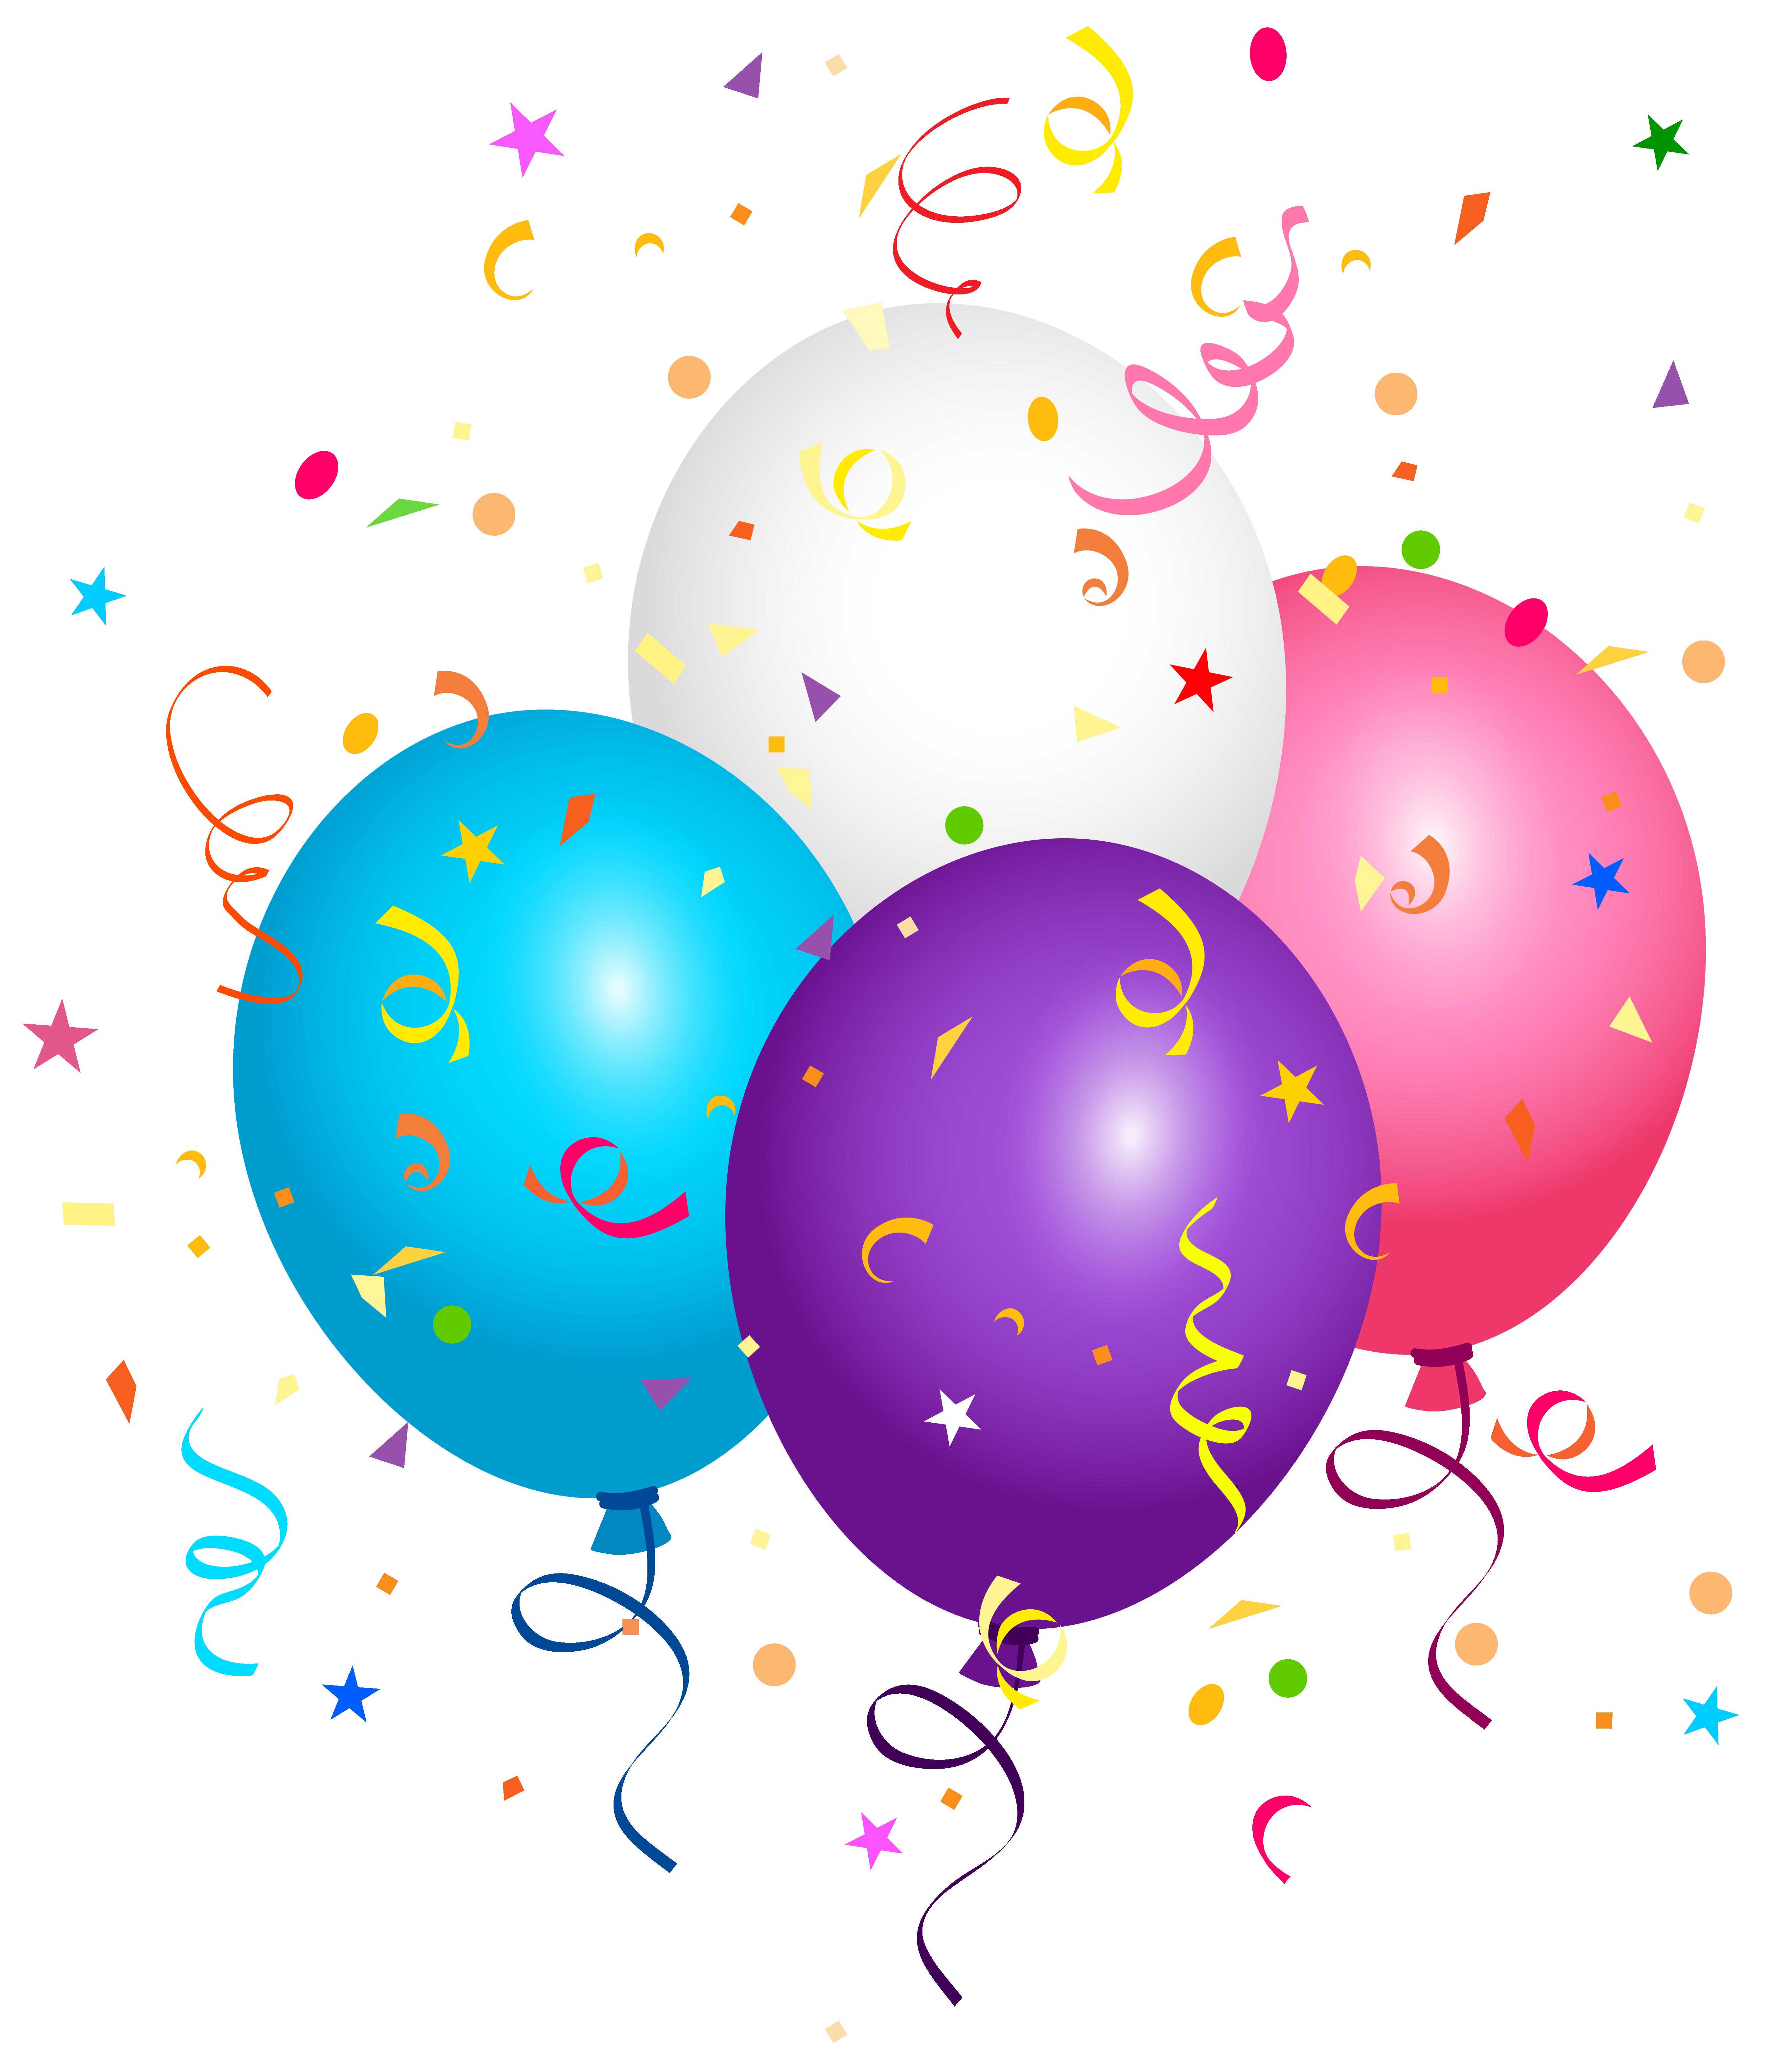 5453x6296 Confetti Clipart Balloon Confetti